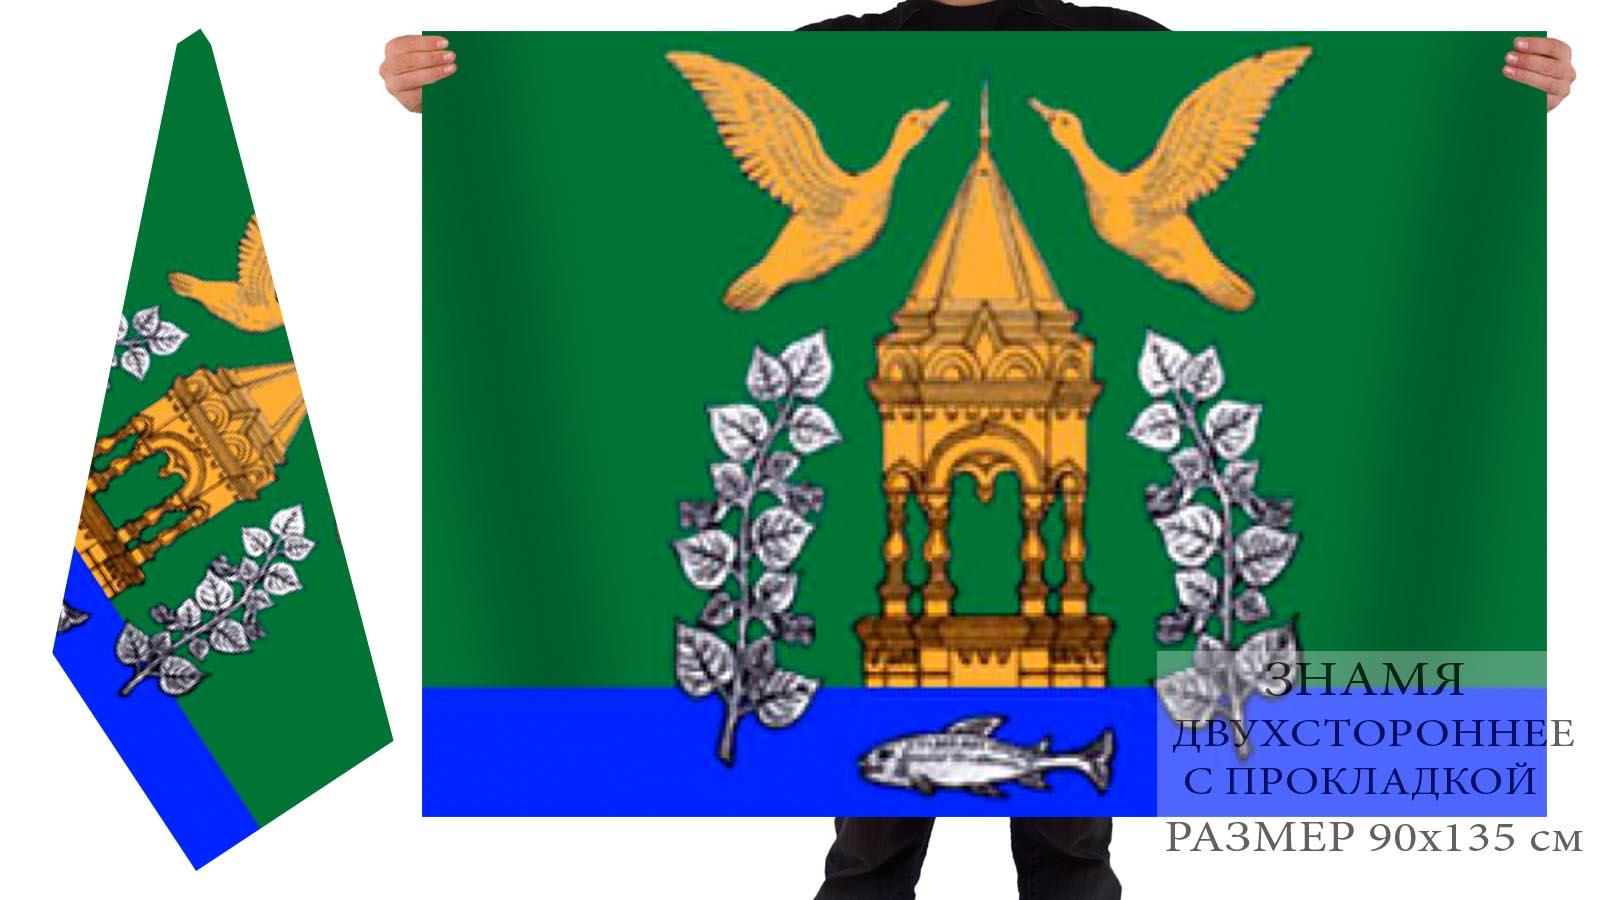 Двусторонний флаг муниципального образования муниципальный округ Народный